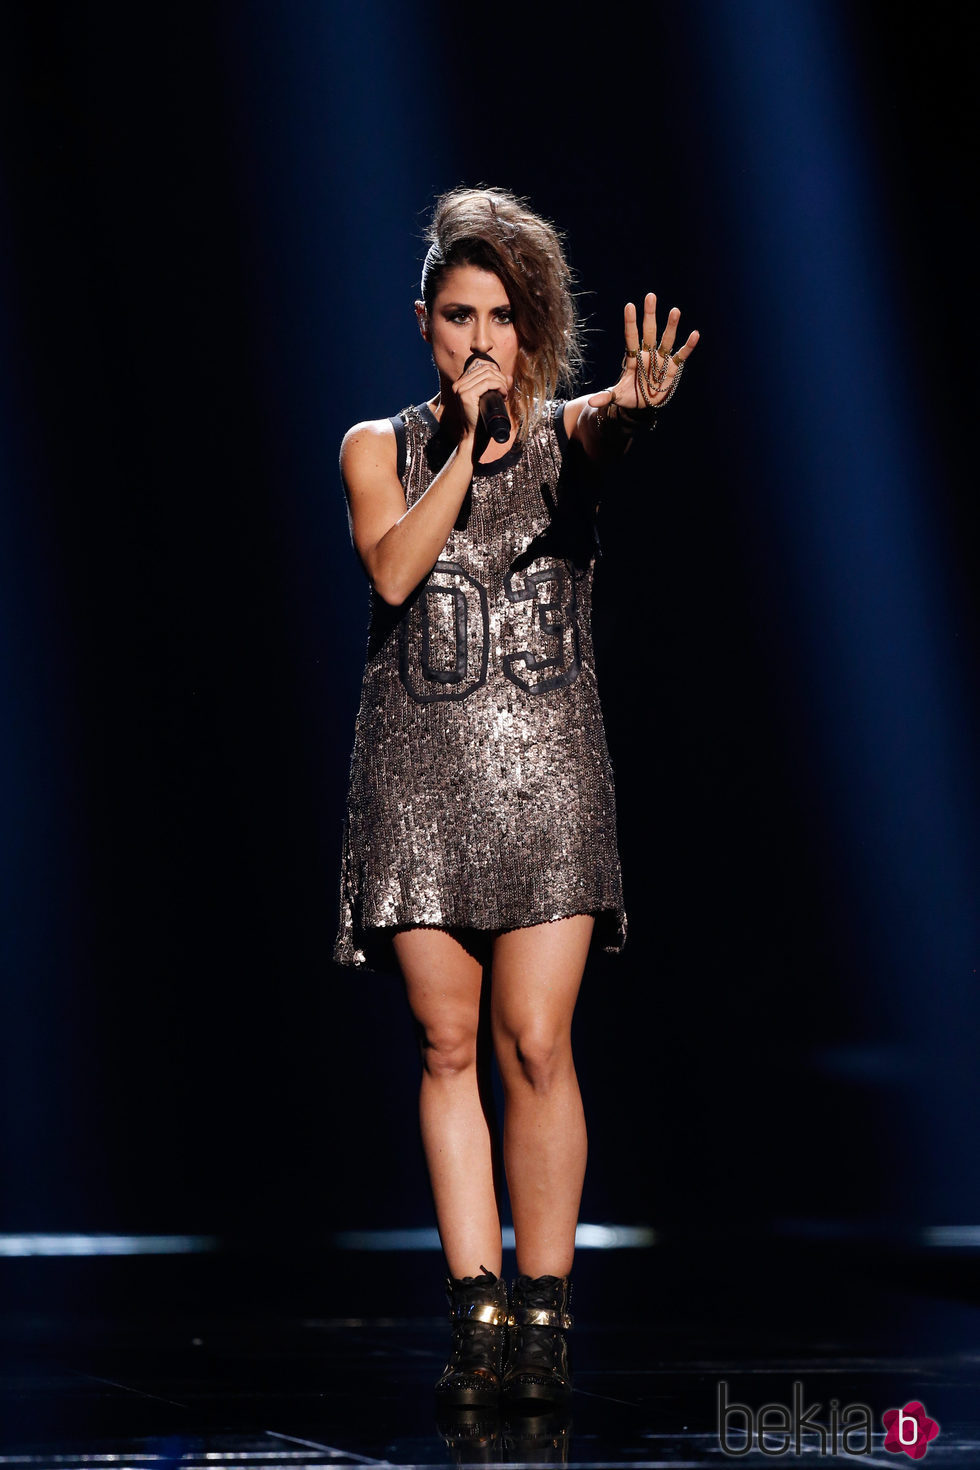 Barei con una camiseta vestido de lentejuelas en el Festival de Eurovisión 2016